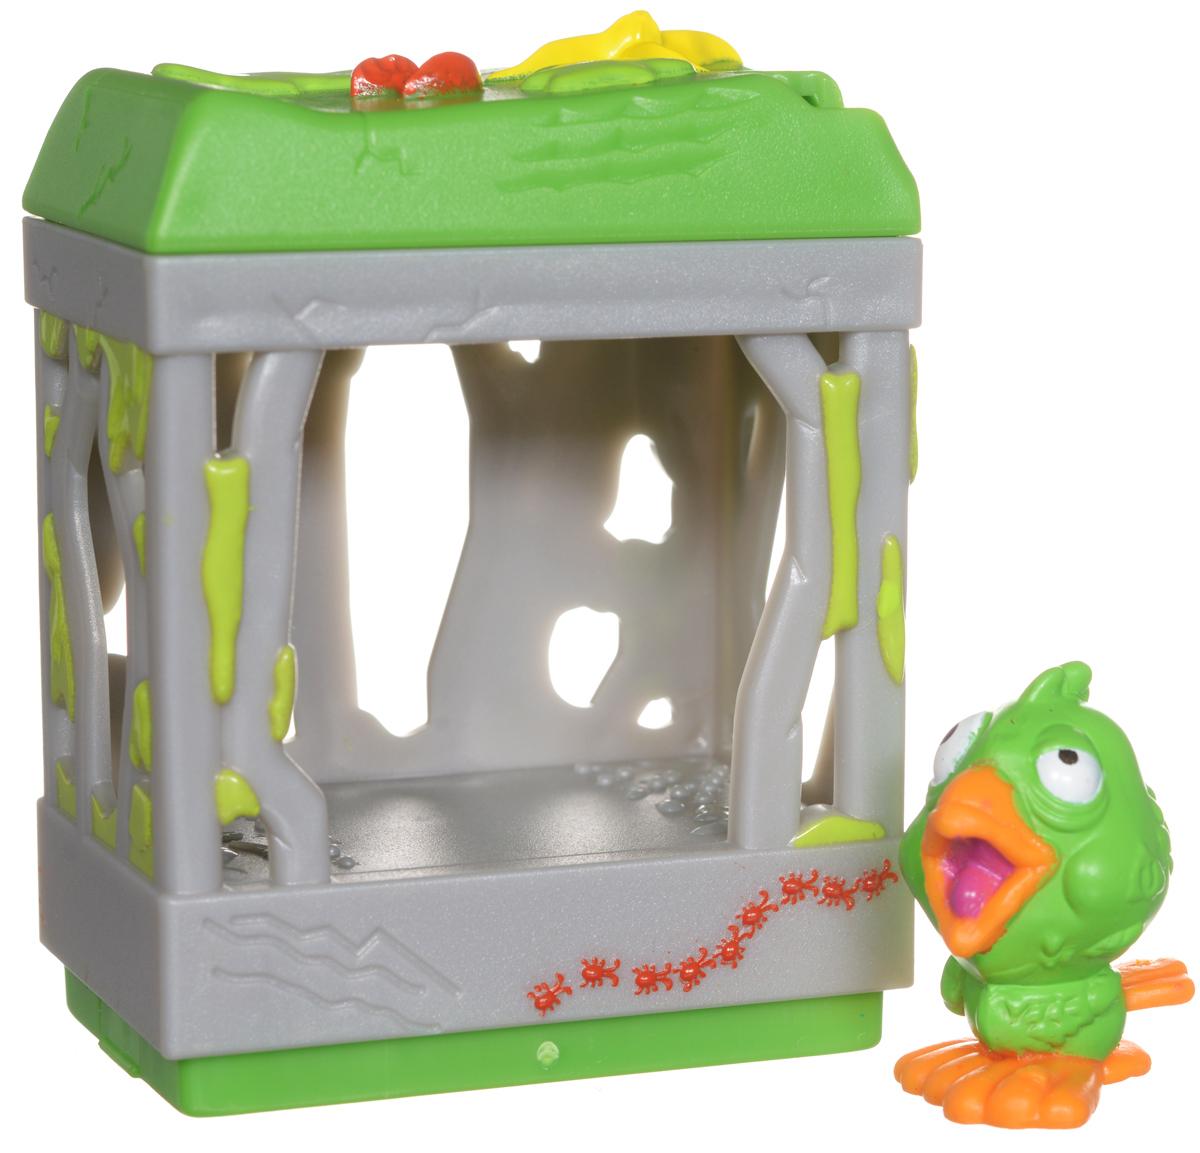 Ugglys Pet Shop Игровой набор Домик с фигуркой Poop Coop19411_poop coopИгровой набор из серии Хулиганские животные состоит из домика со звуковыми эффектами и уникальной фигурки питомца, которую нельзя найти в других упаковках и наборах серии. Домик выполнен в ярких цветах и притягивает взгляд. Если внутри него поместить мини-фигурку животного и надавить на пол - будут раздаваться звуки. В ассортименте представлено 6 домиков, которые можно состыковать один с другим и построить большой зоомагазин с эксклюзивными животными. Такая удивительная игрушка обязательно понравится вашей малышке! Порадуйте ее таким замечательным подарком! Для работы требуются 2 батарейки типа LR44 (комплектуется демонстрационными).